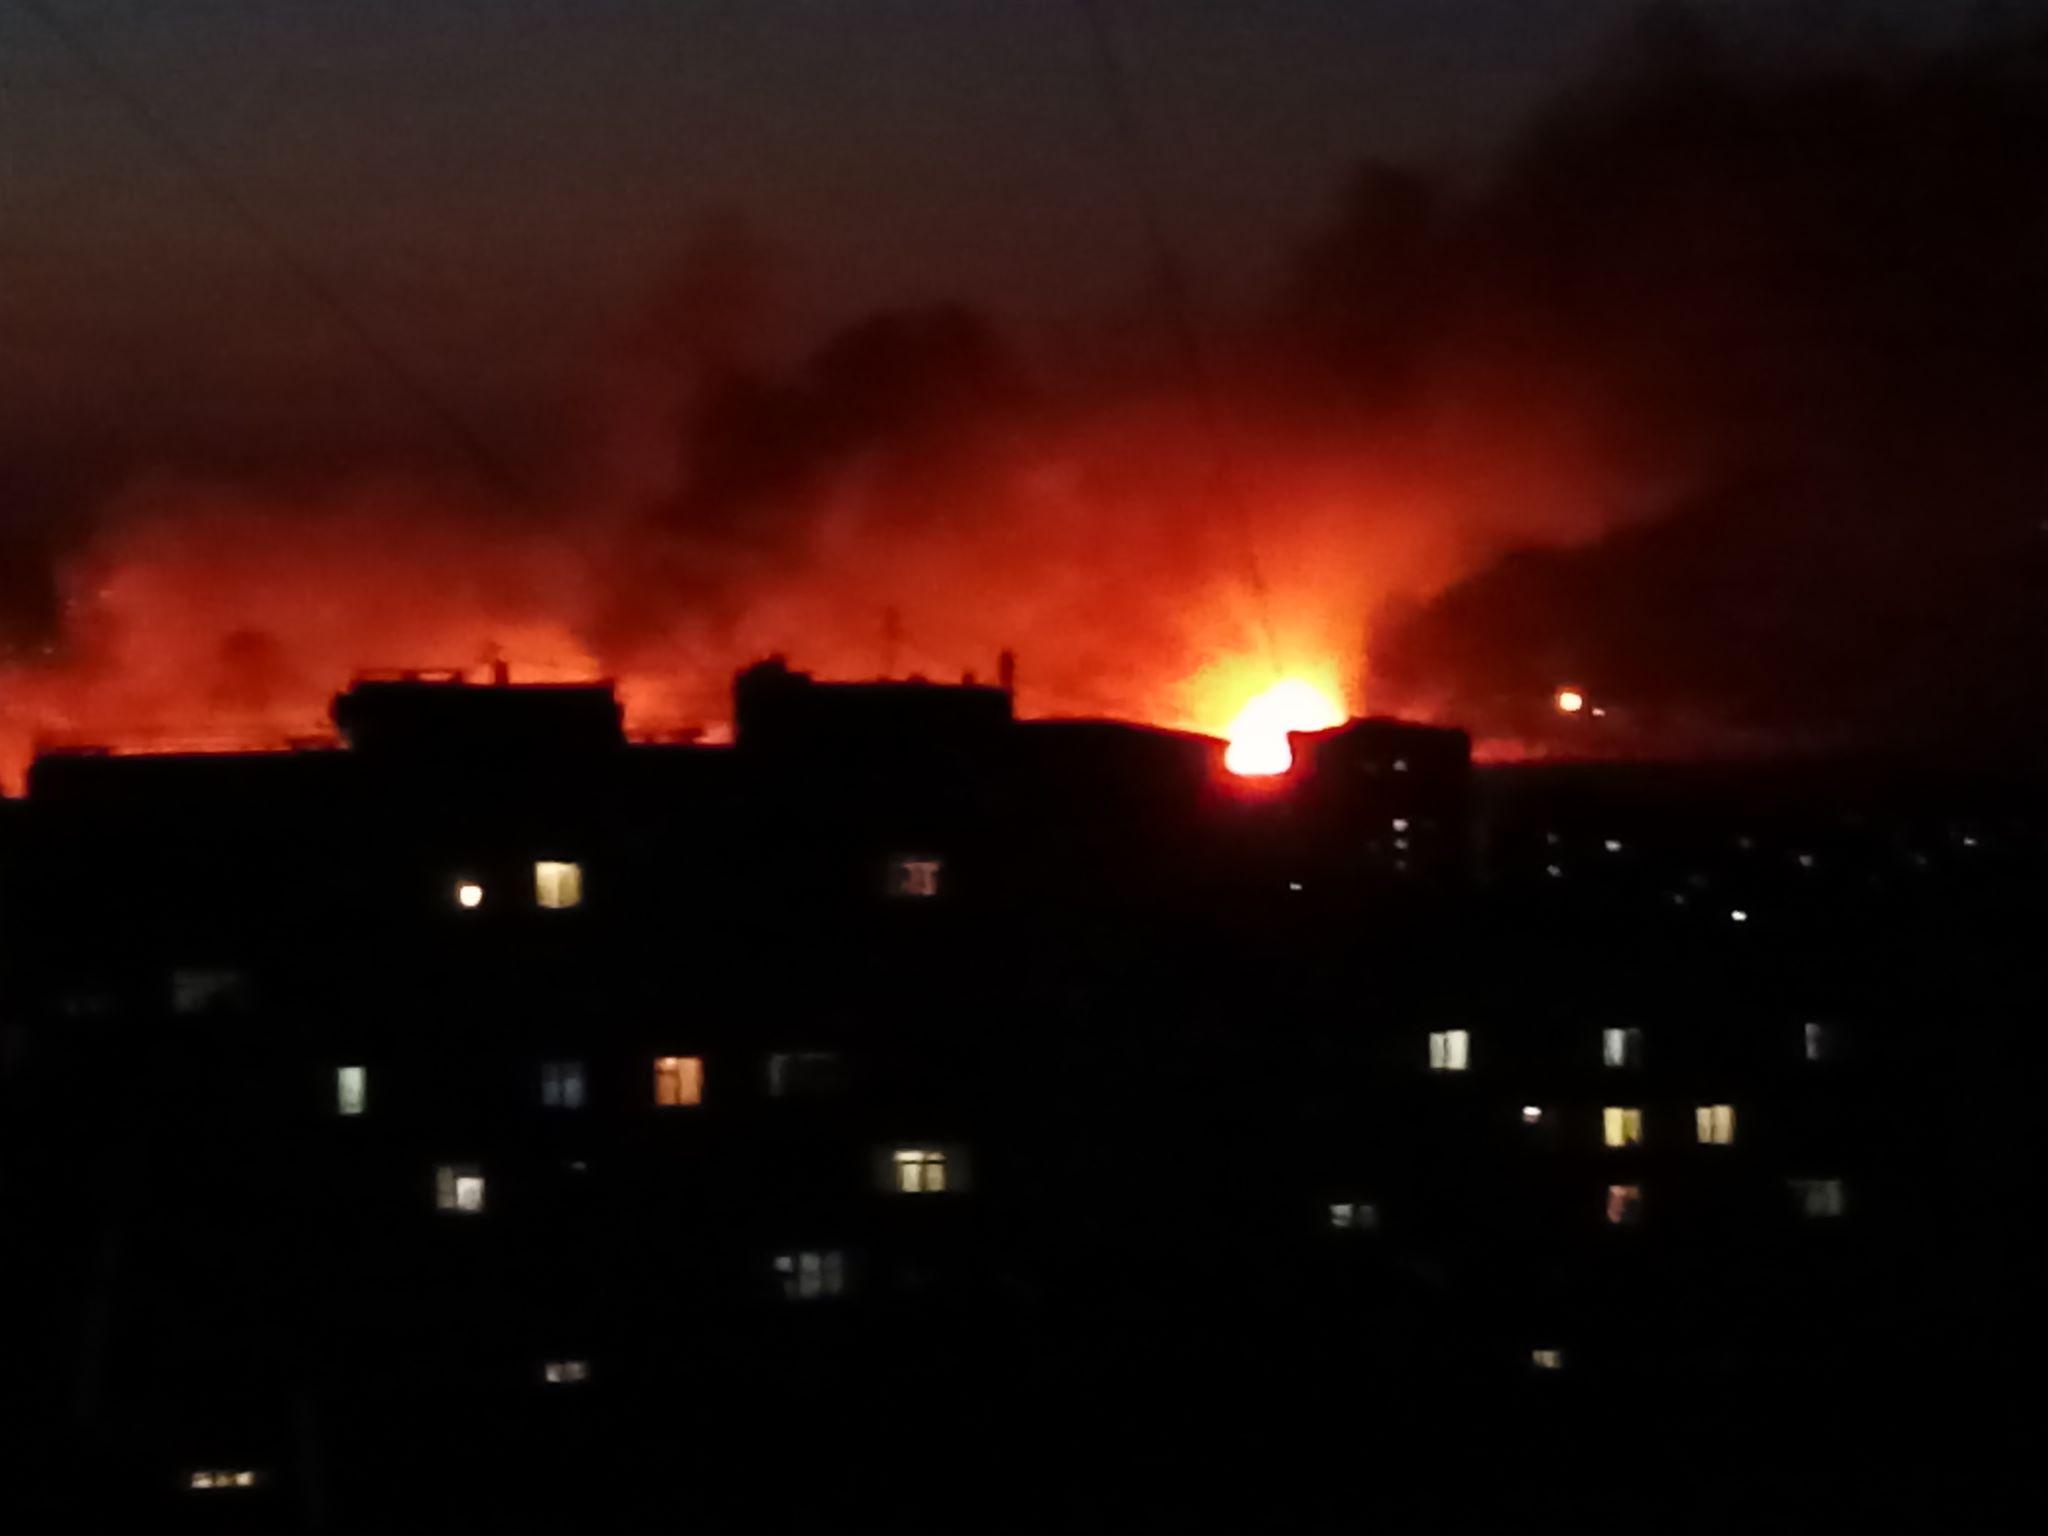 В Луганске горят камыши. Зарево пожара видно с разных концов города